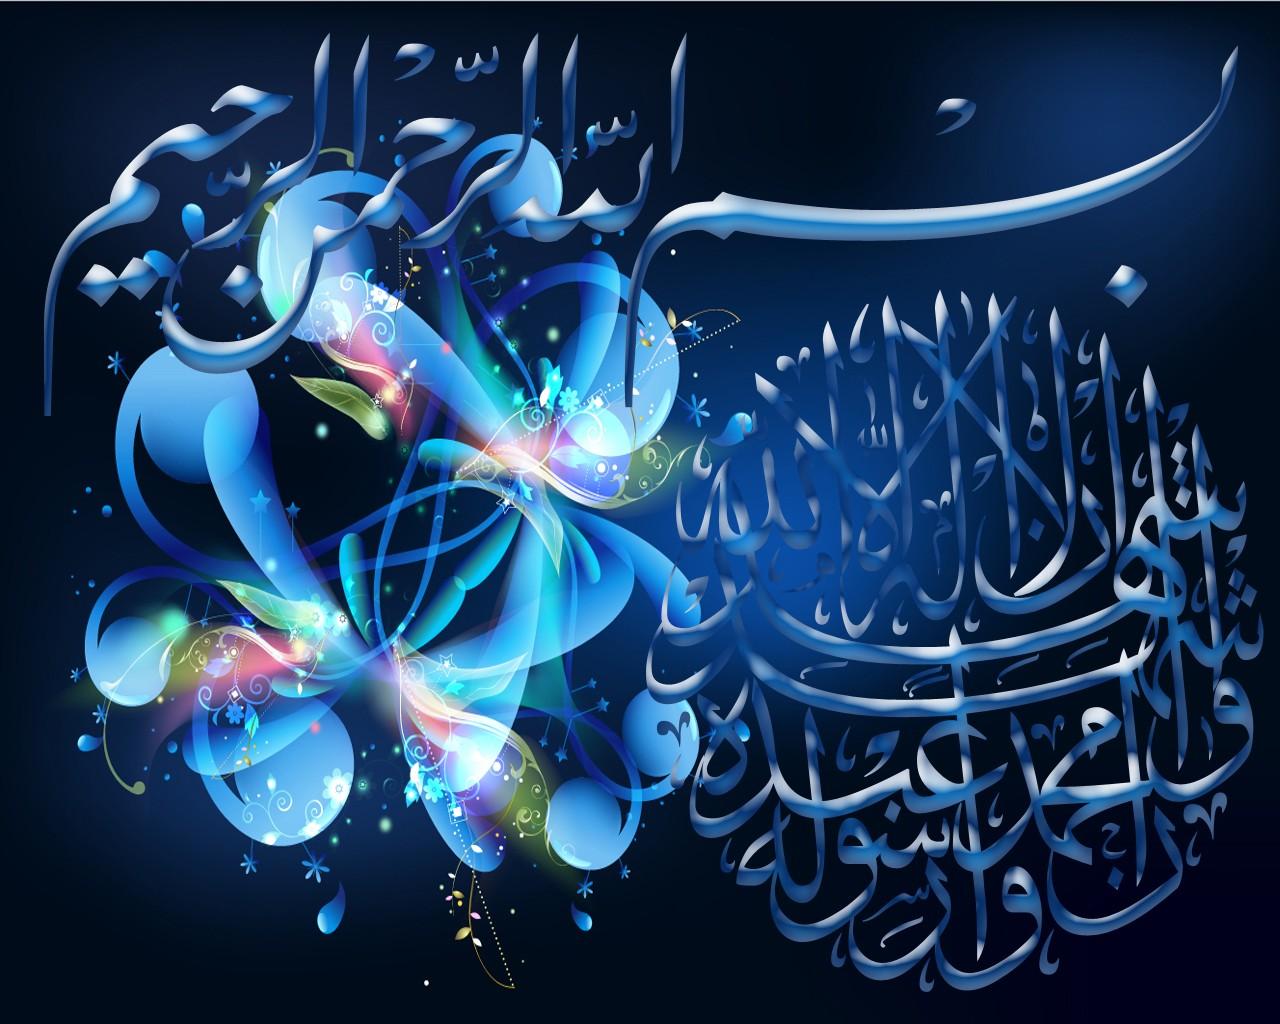 Bismillah (1) | Yasir Imran Mirza